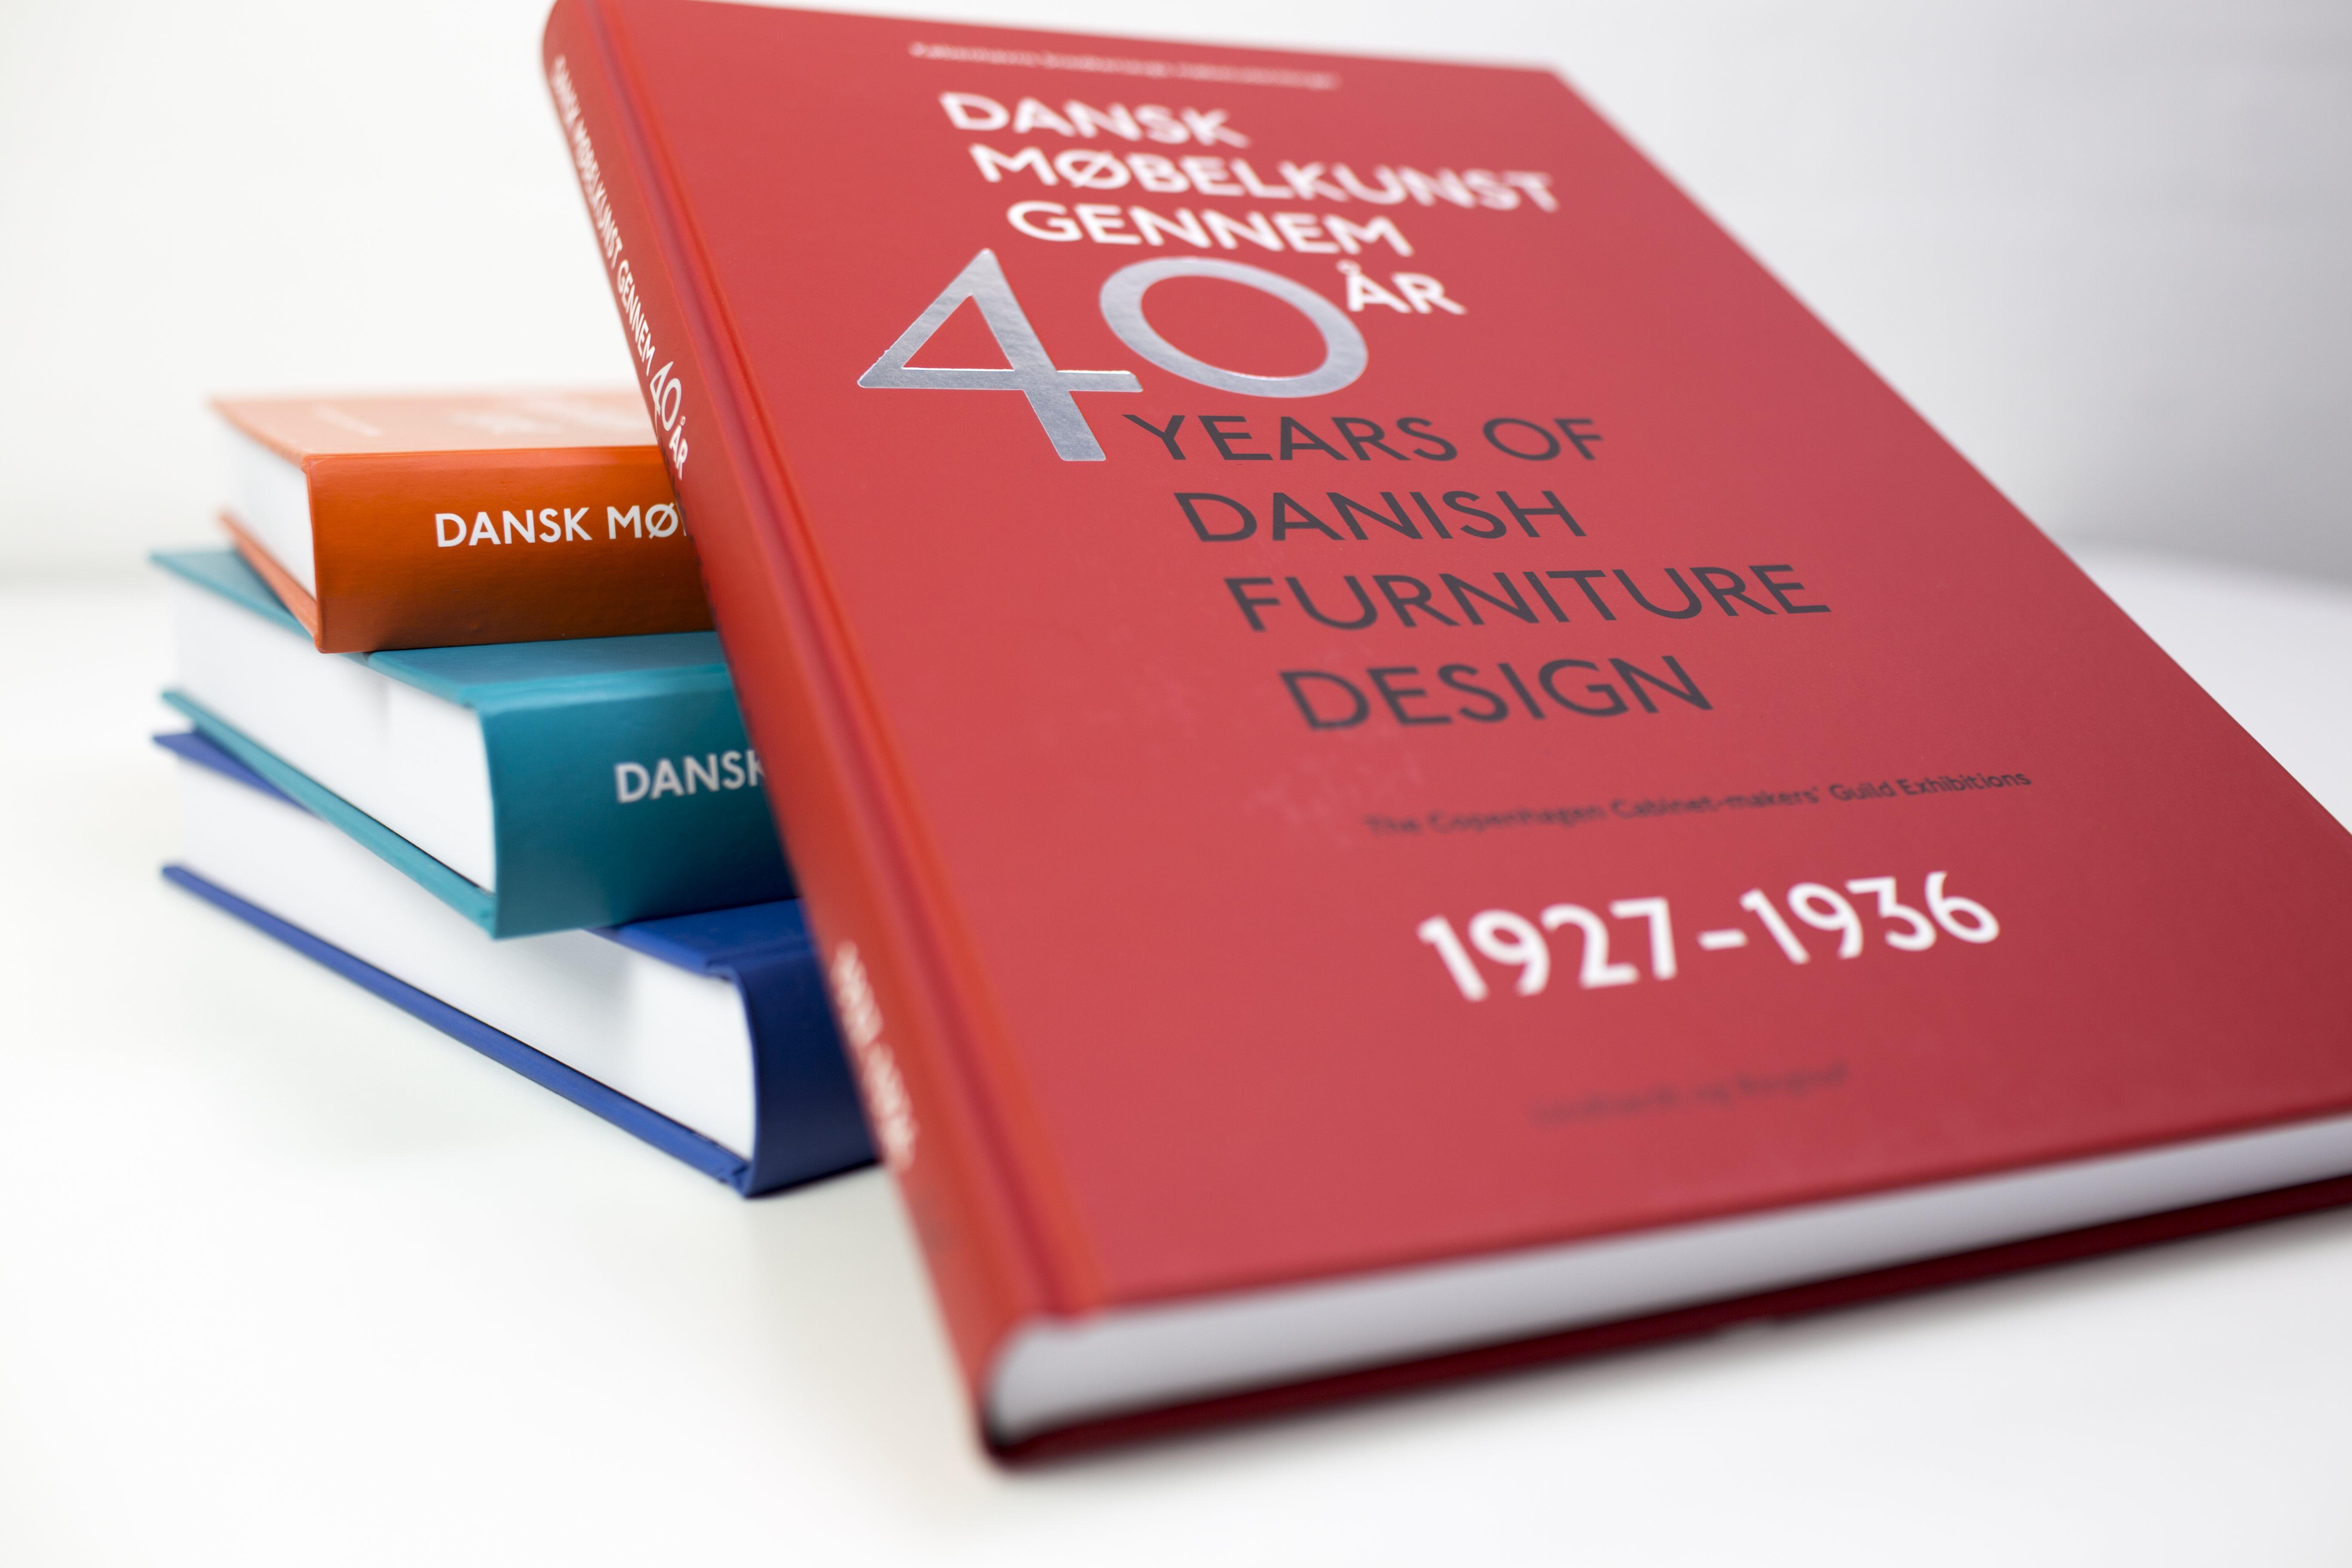 Dansk møbelkunst